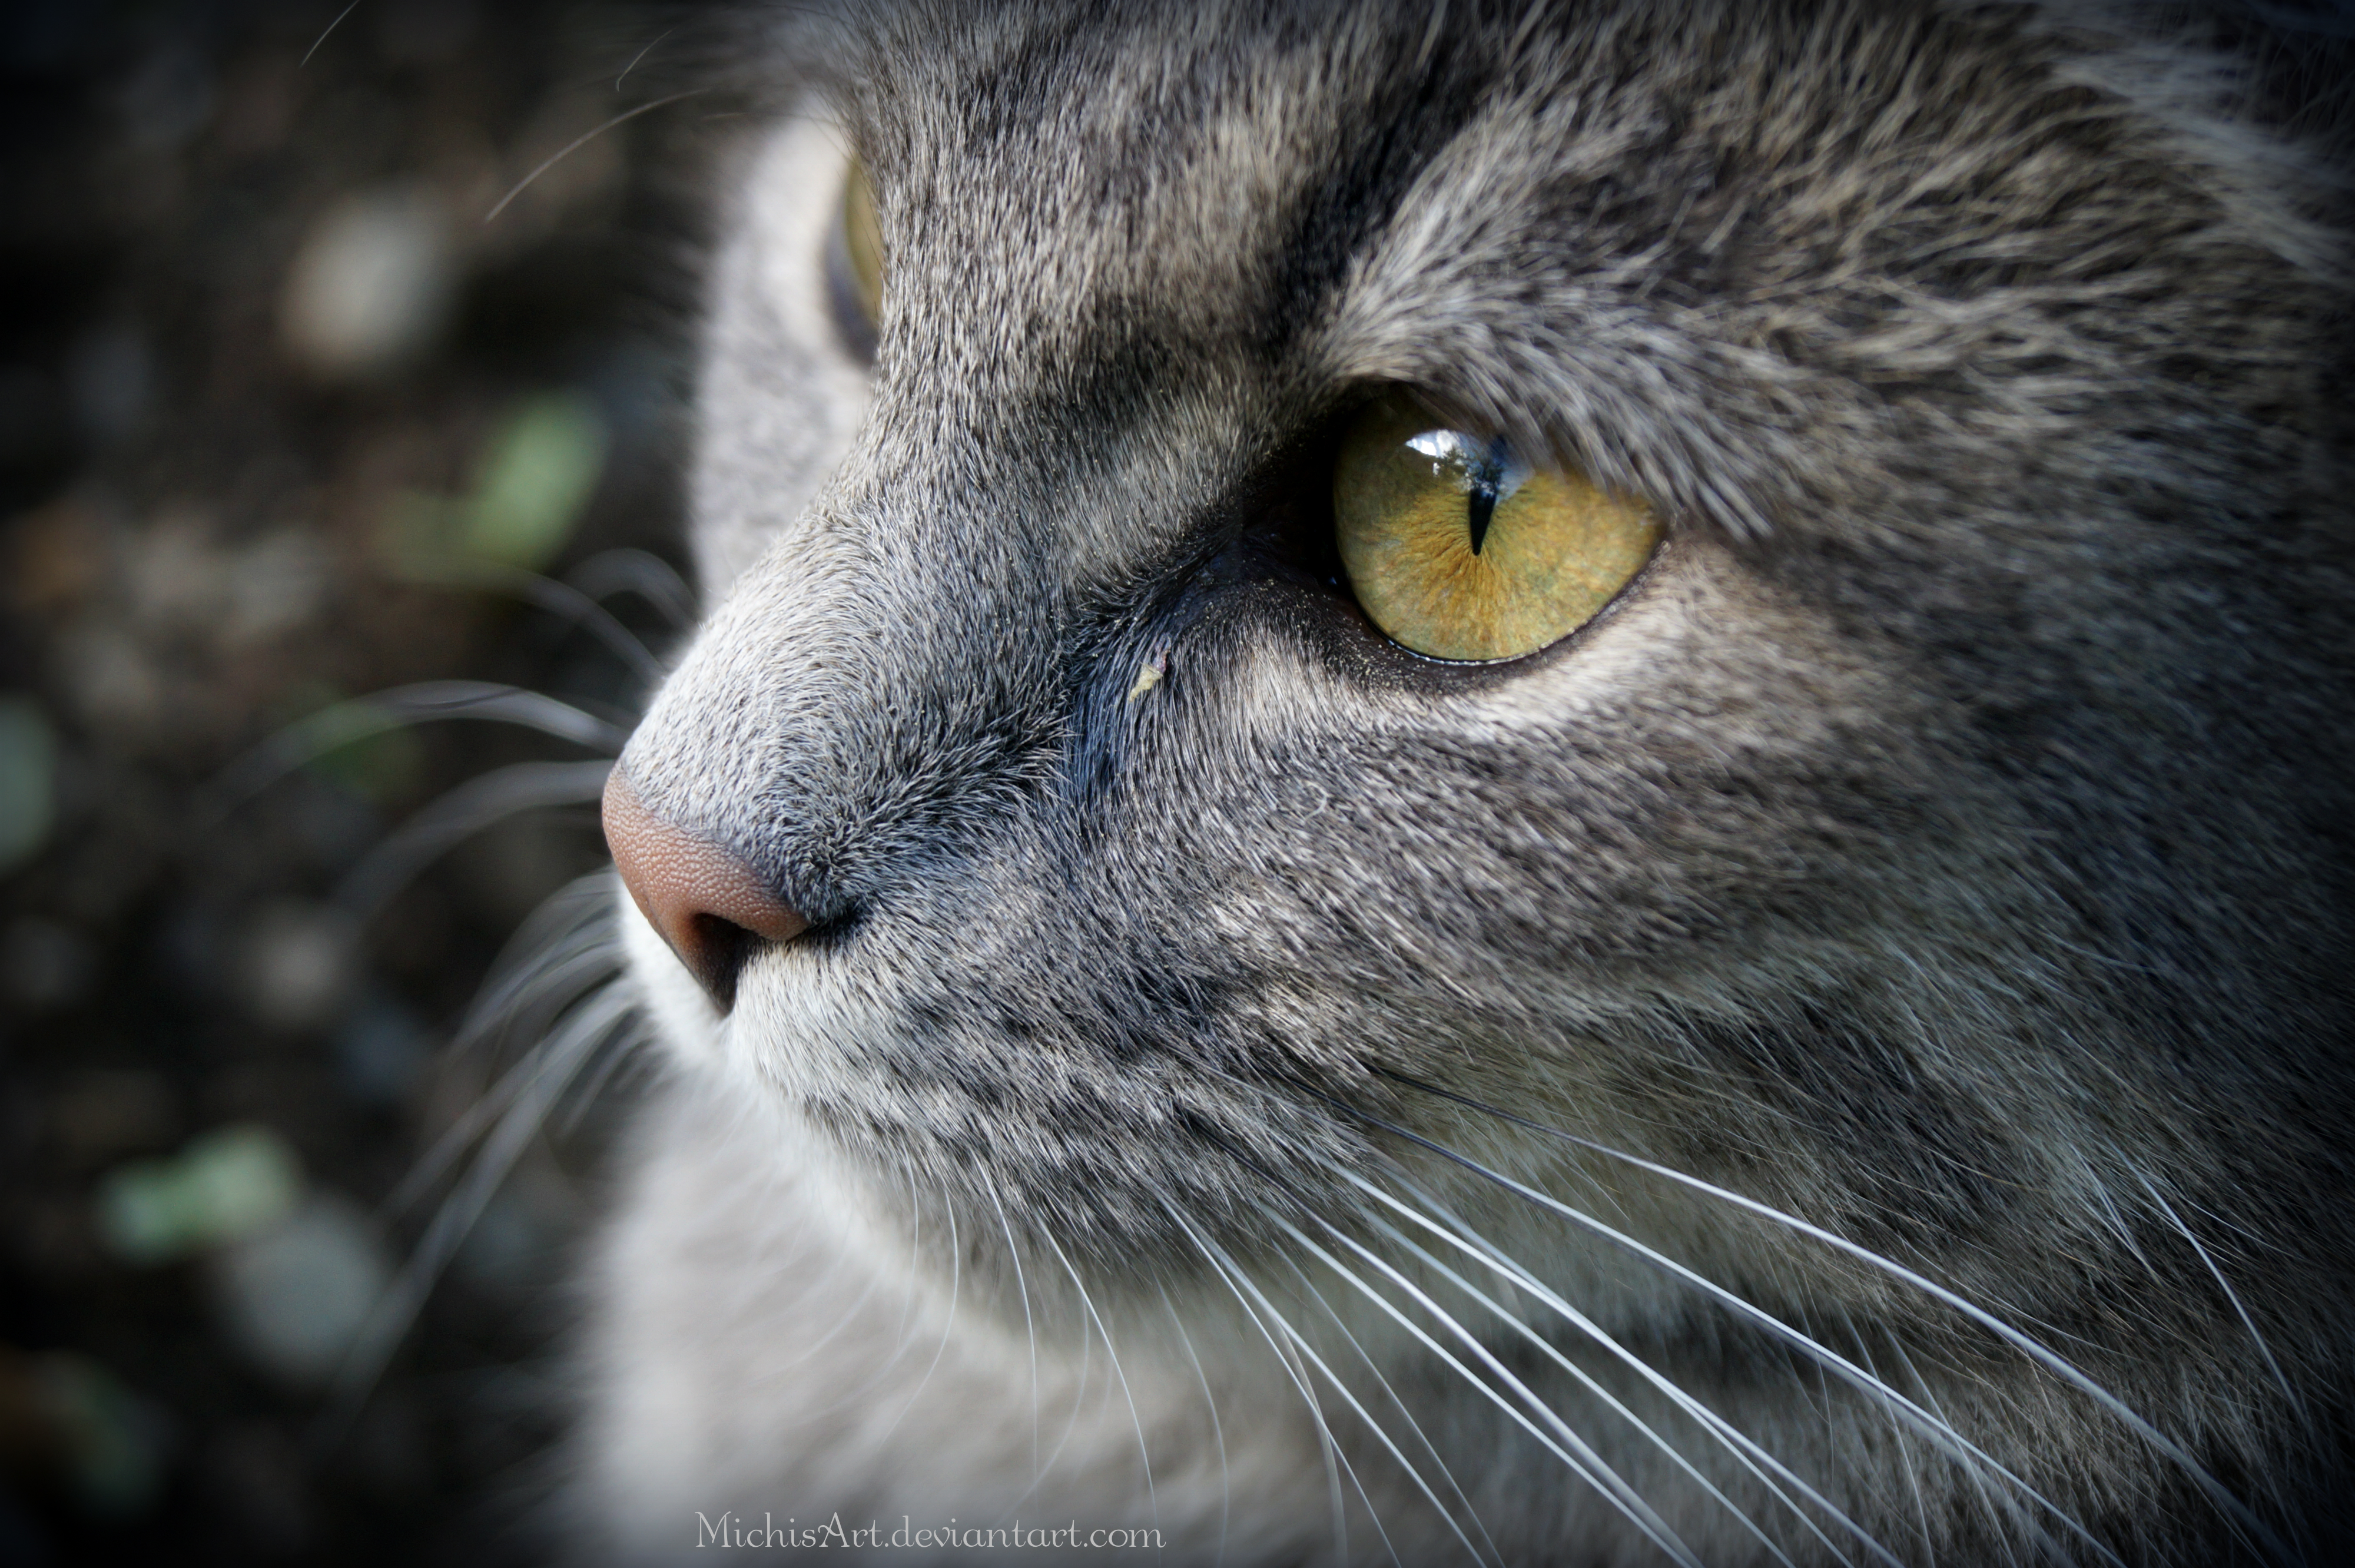 En Sevimli Kedili Duvar Ka��tlar� Sevimli Kediler Arkaplan Kedi Resimleri Masa�st� Sevimli Kedi Resimleri